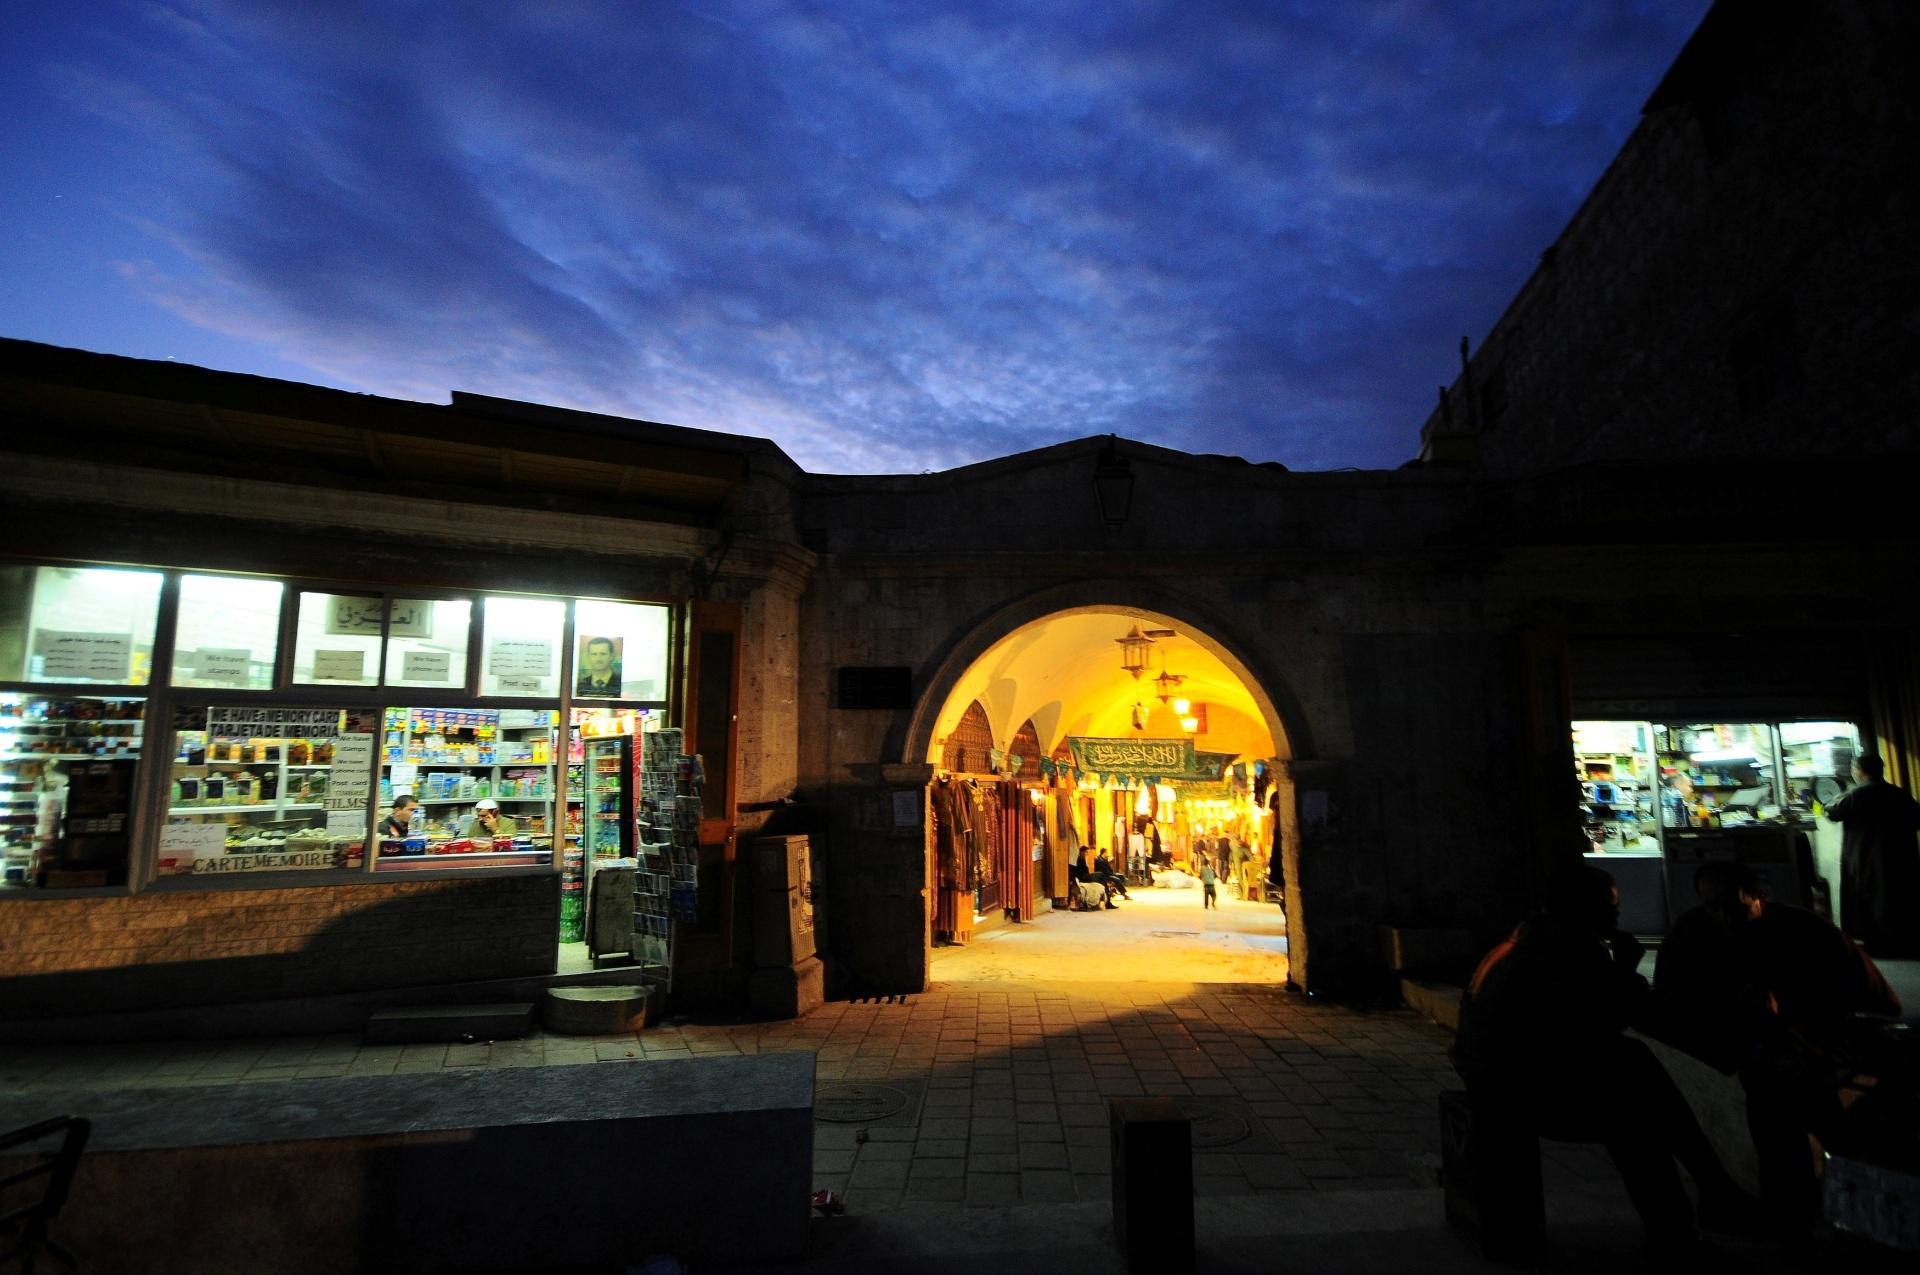 22.dez.2016 - A entrada de grande área de mercado da era islâmica, chamado de souk de al-Zarab, era desta forma em 2008, em Aleppo, na Síria. O local atraia turistas, mas foi destruído em combates entre 2012 e 2013